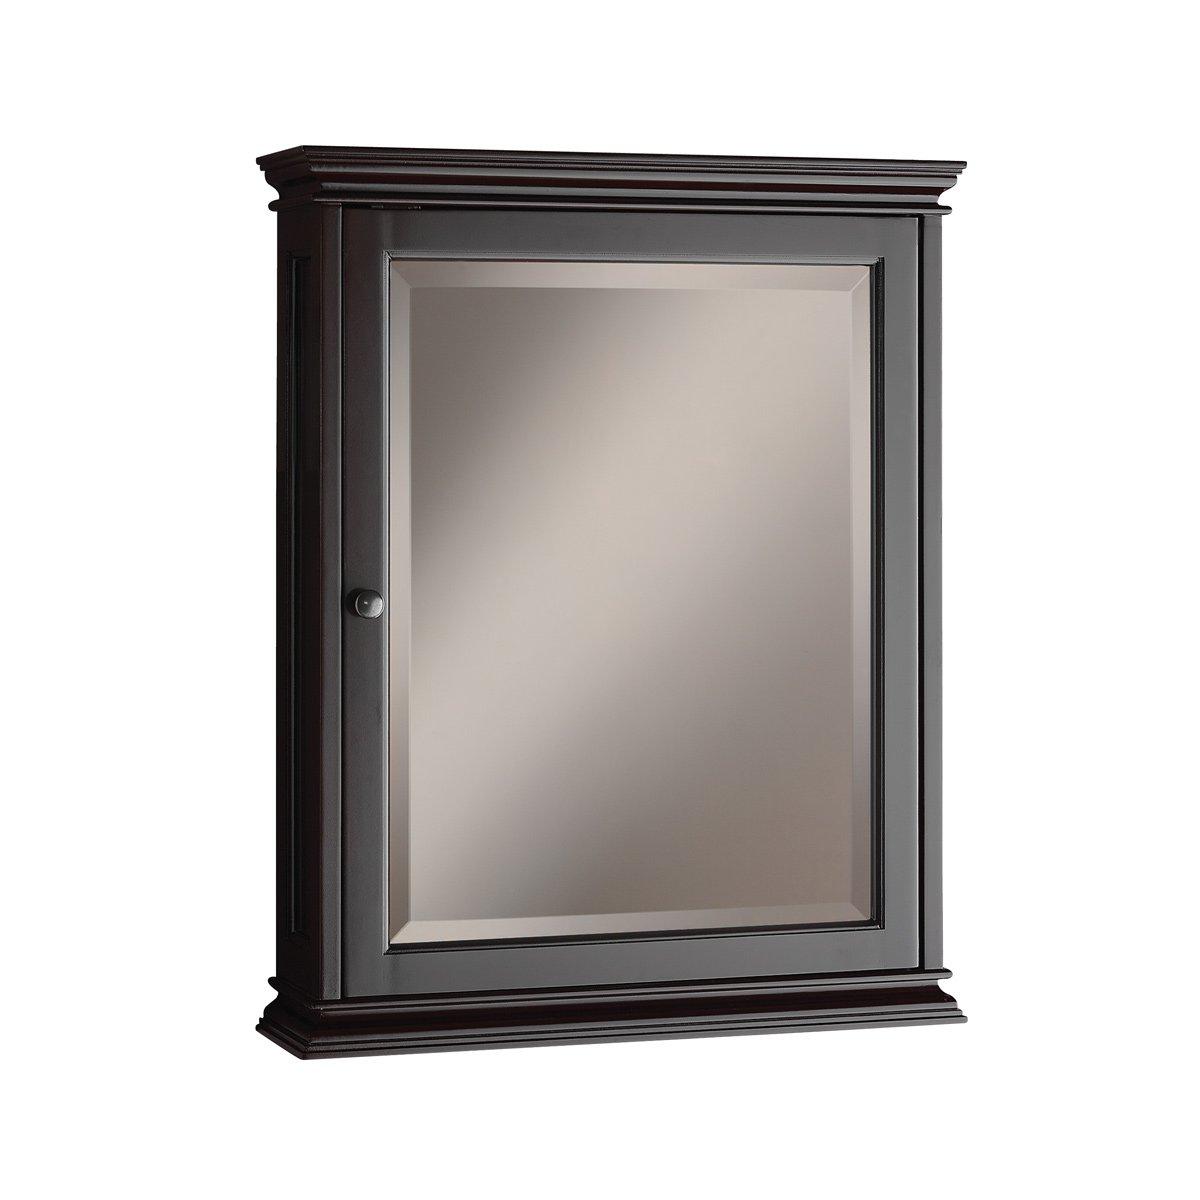 Amazon Foremost BECC2330 Berkshire Espresso Medicine Cabinet Home Improvement